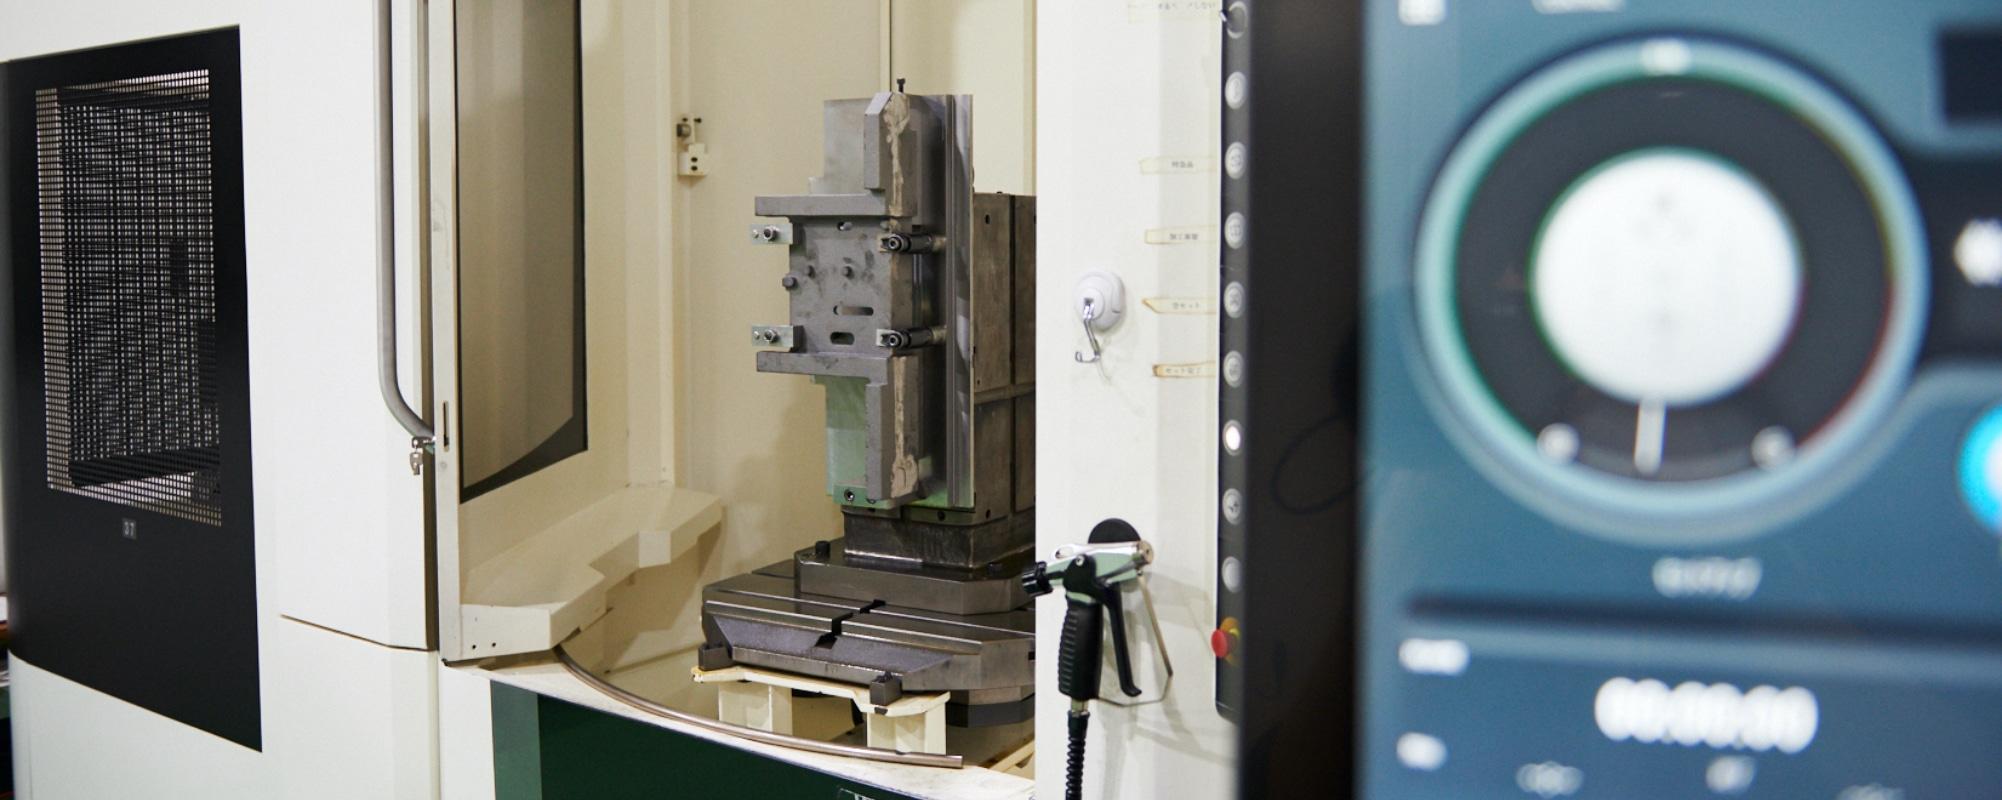 自動化システムで24時間稼働可能。量産品にもフレキシブルに対応!